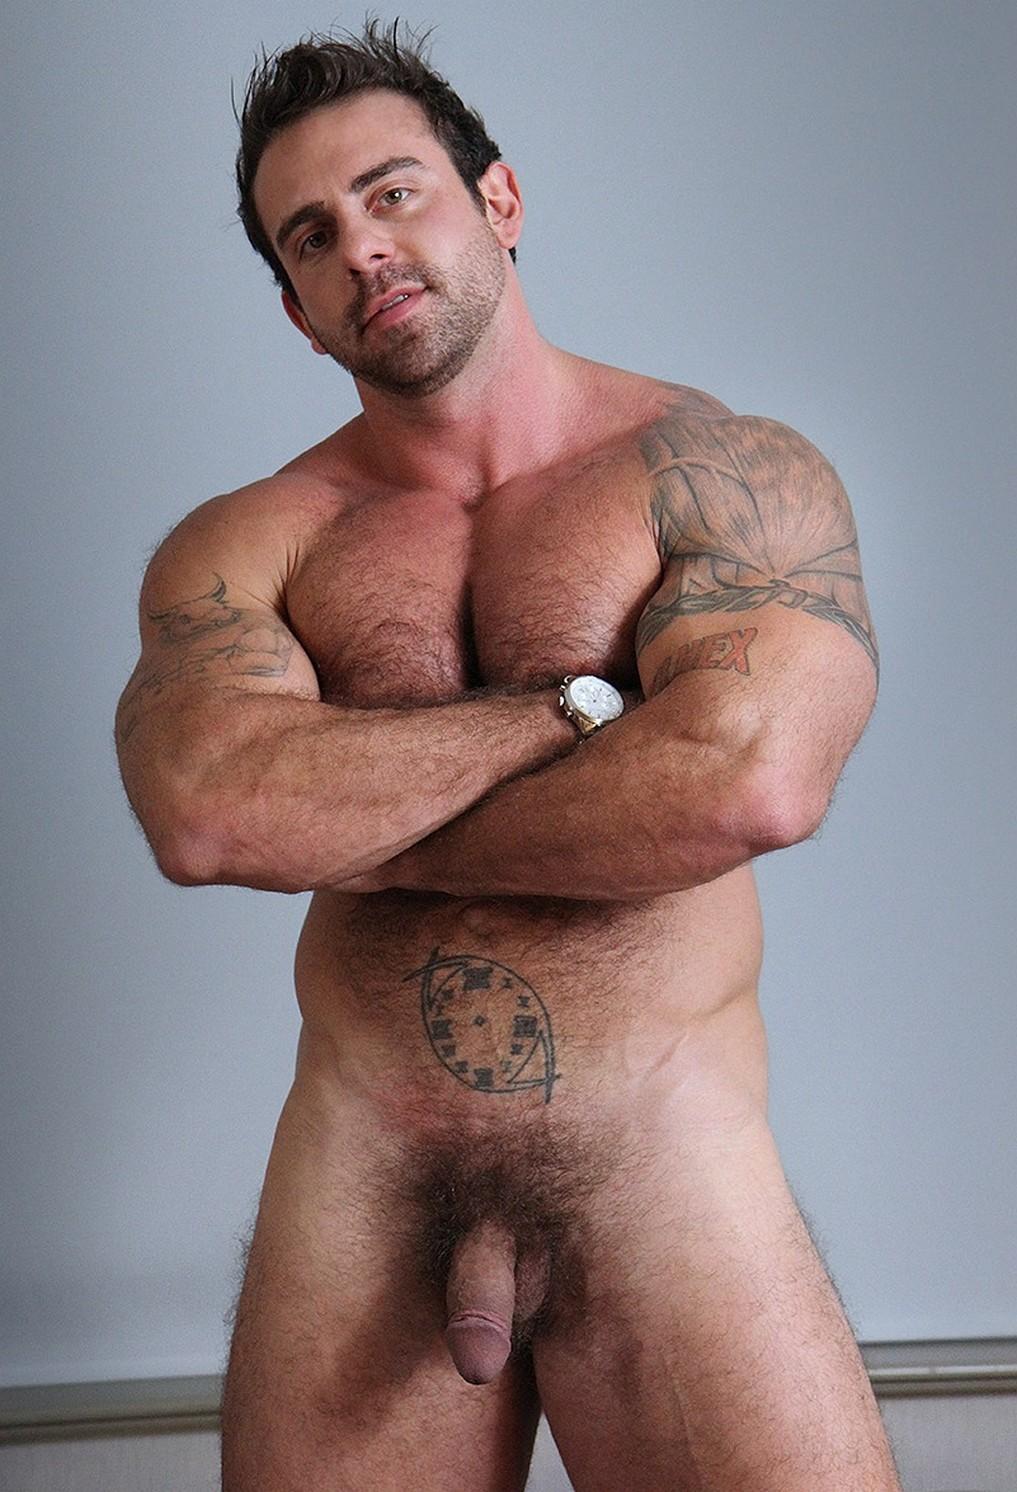 Hombres Desnudos Con Buena Verga